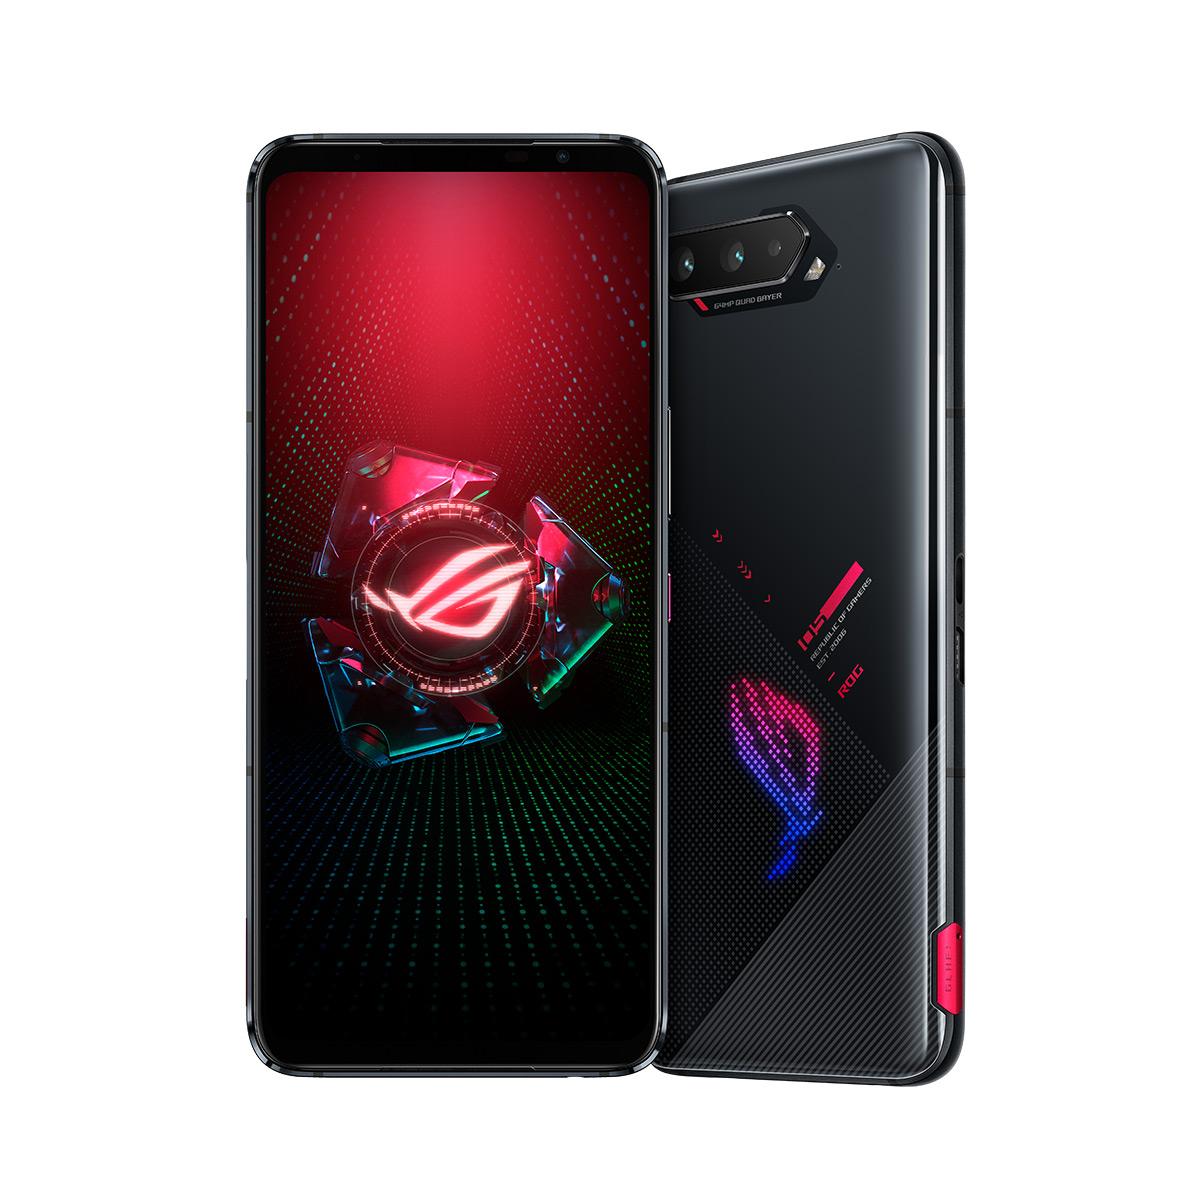 エイスース アールオージーフォン SIMフリー 5G対応 Asus ROG Phone 5 ZS673KS 期間限定 Dual Sim 5G 12GB 中国版グローバルROM RAM 新品本体 1年保証 白 激安超特価 256GB ゲーミングスマホ